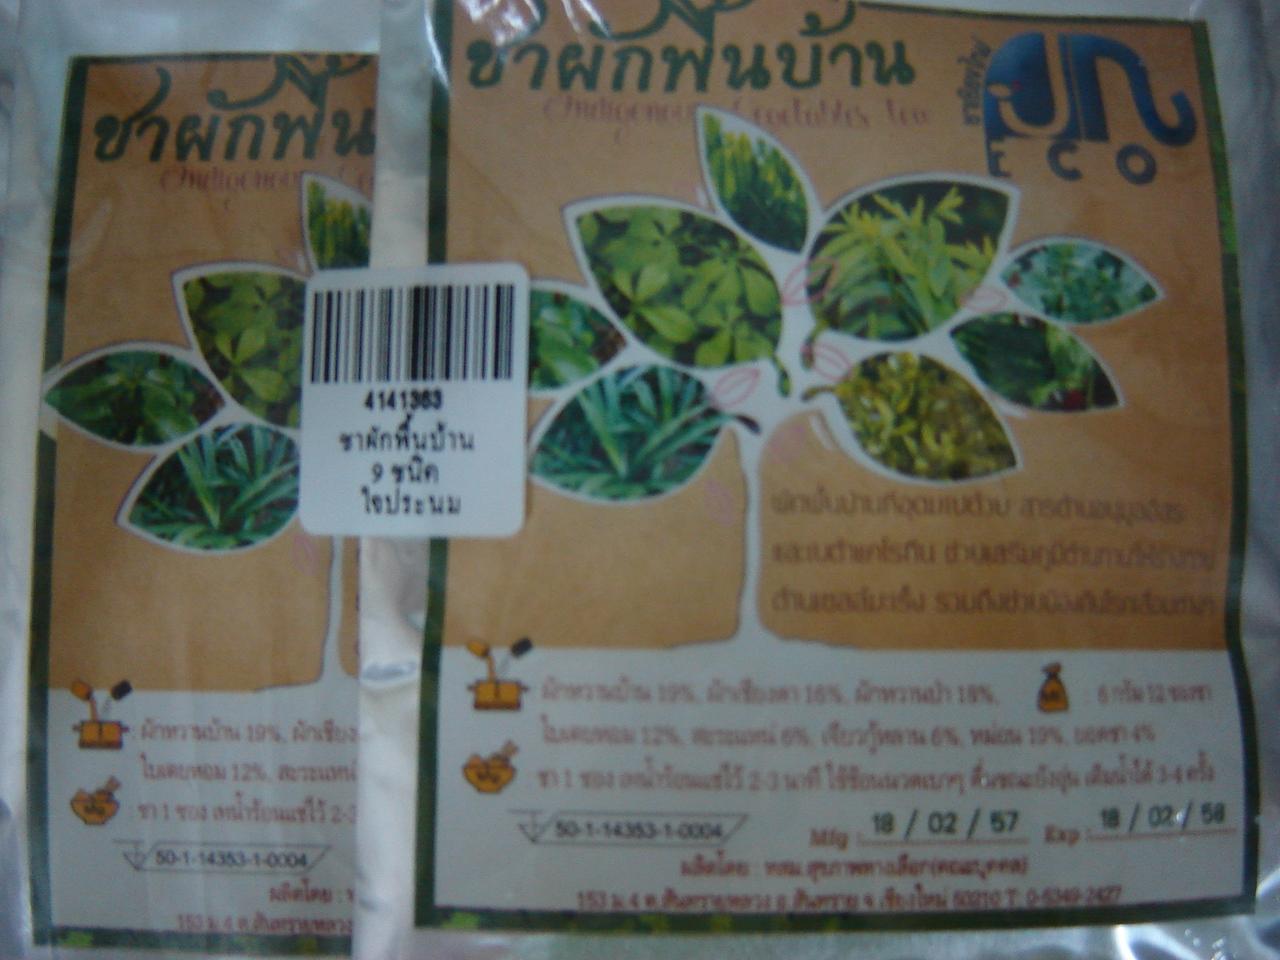 41-413-6300-0 ชาผักพื้นบ้าน 9 ชนิด สุขภาพทางเลือก (ใจประนม) แพ็ค*6ห